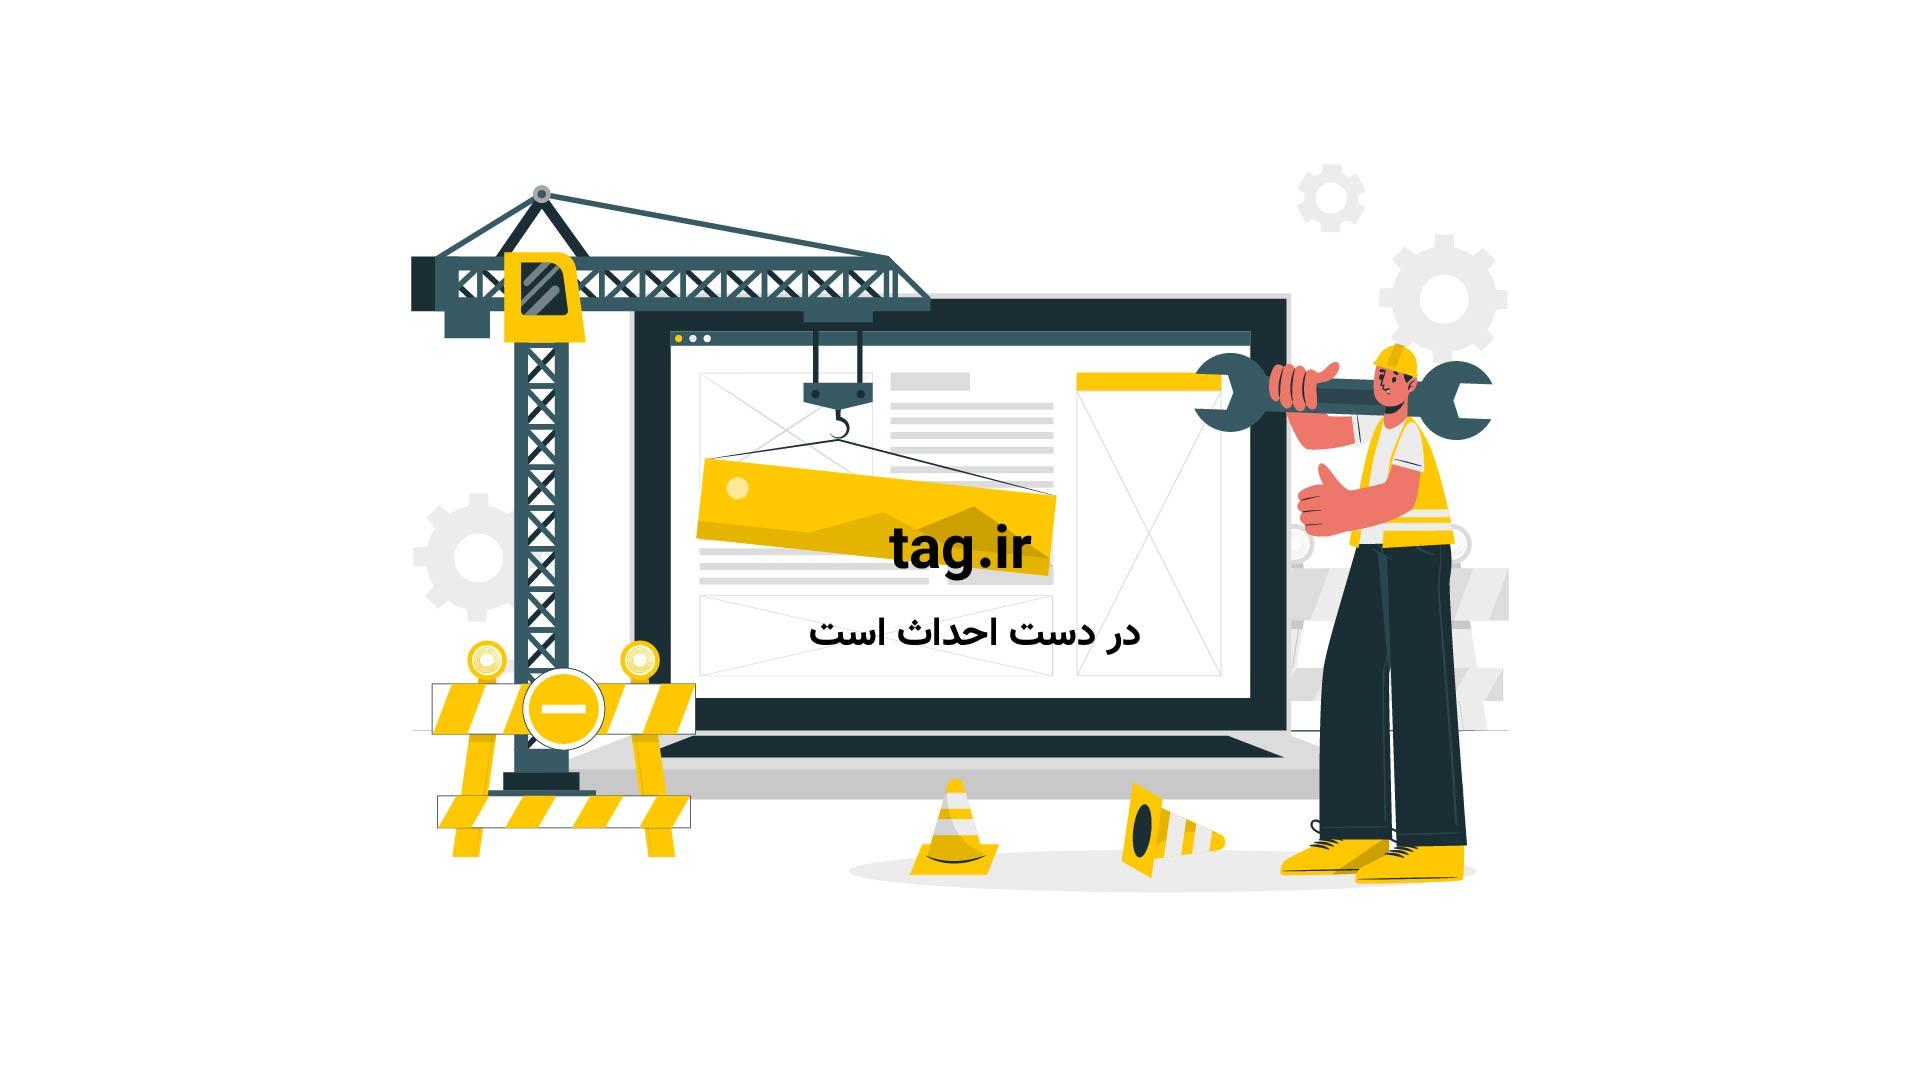 200 کیلومتر بر ساعت | تگ